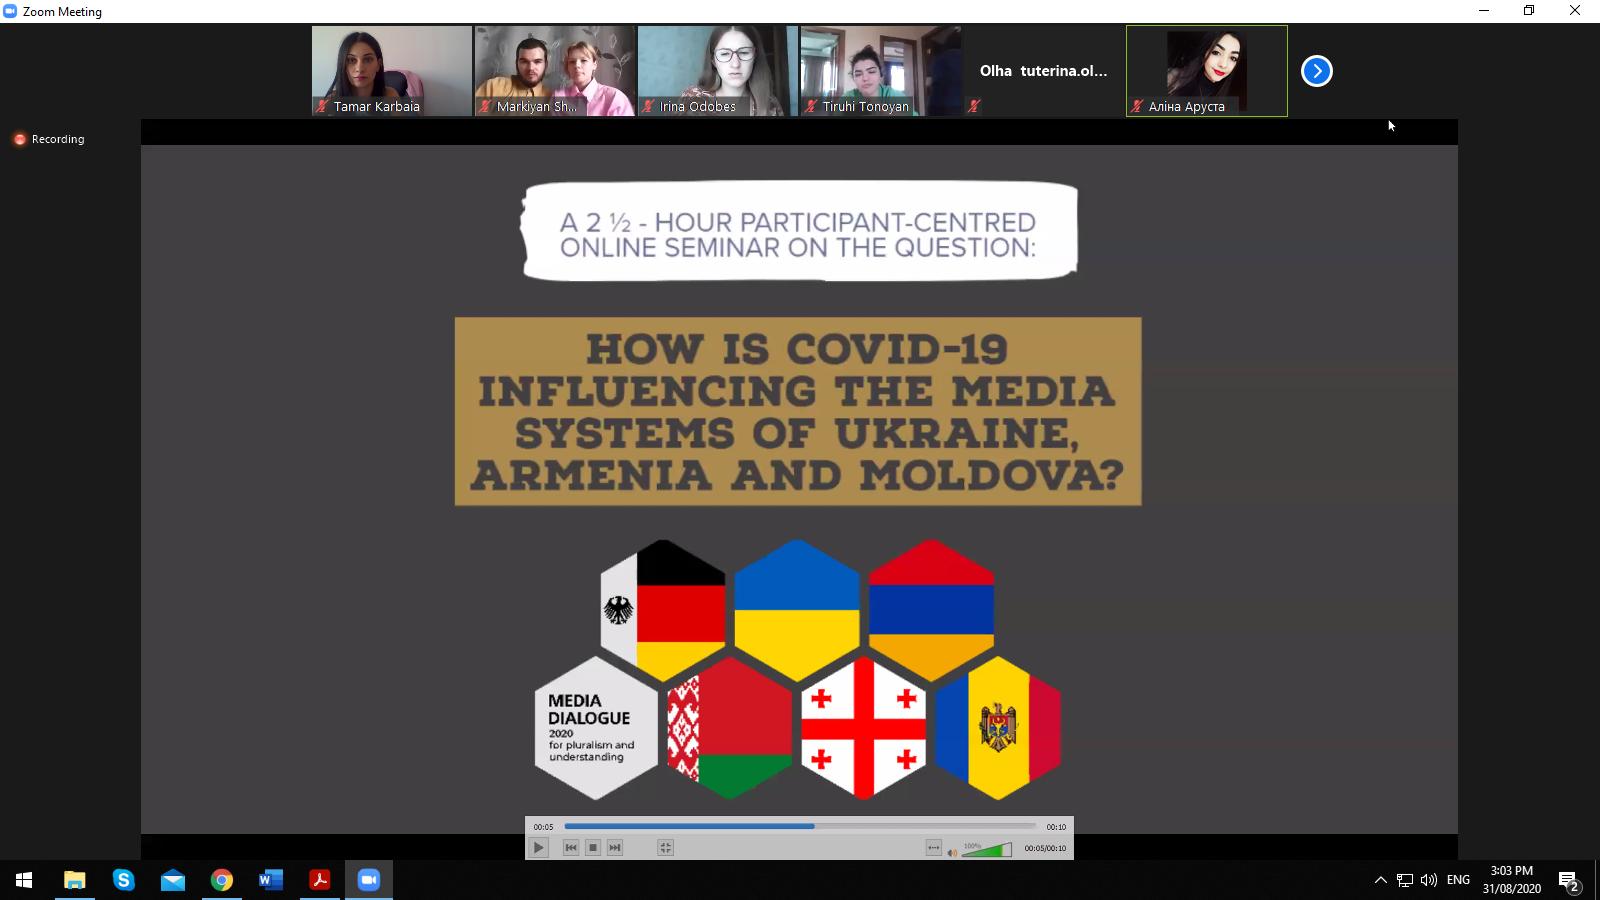 პირველი ონლაინ სემინარი პროექტის Media Dialogue 2020 For Pluralism and Understanding ფარგლებში